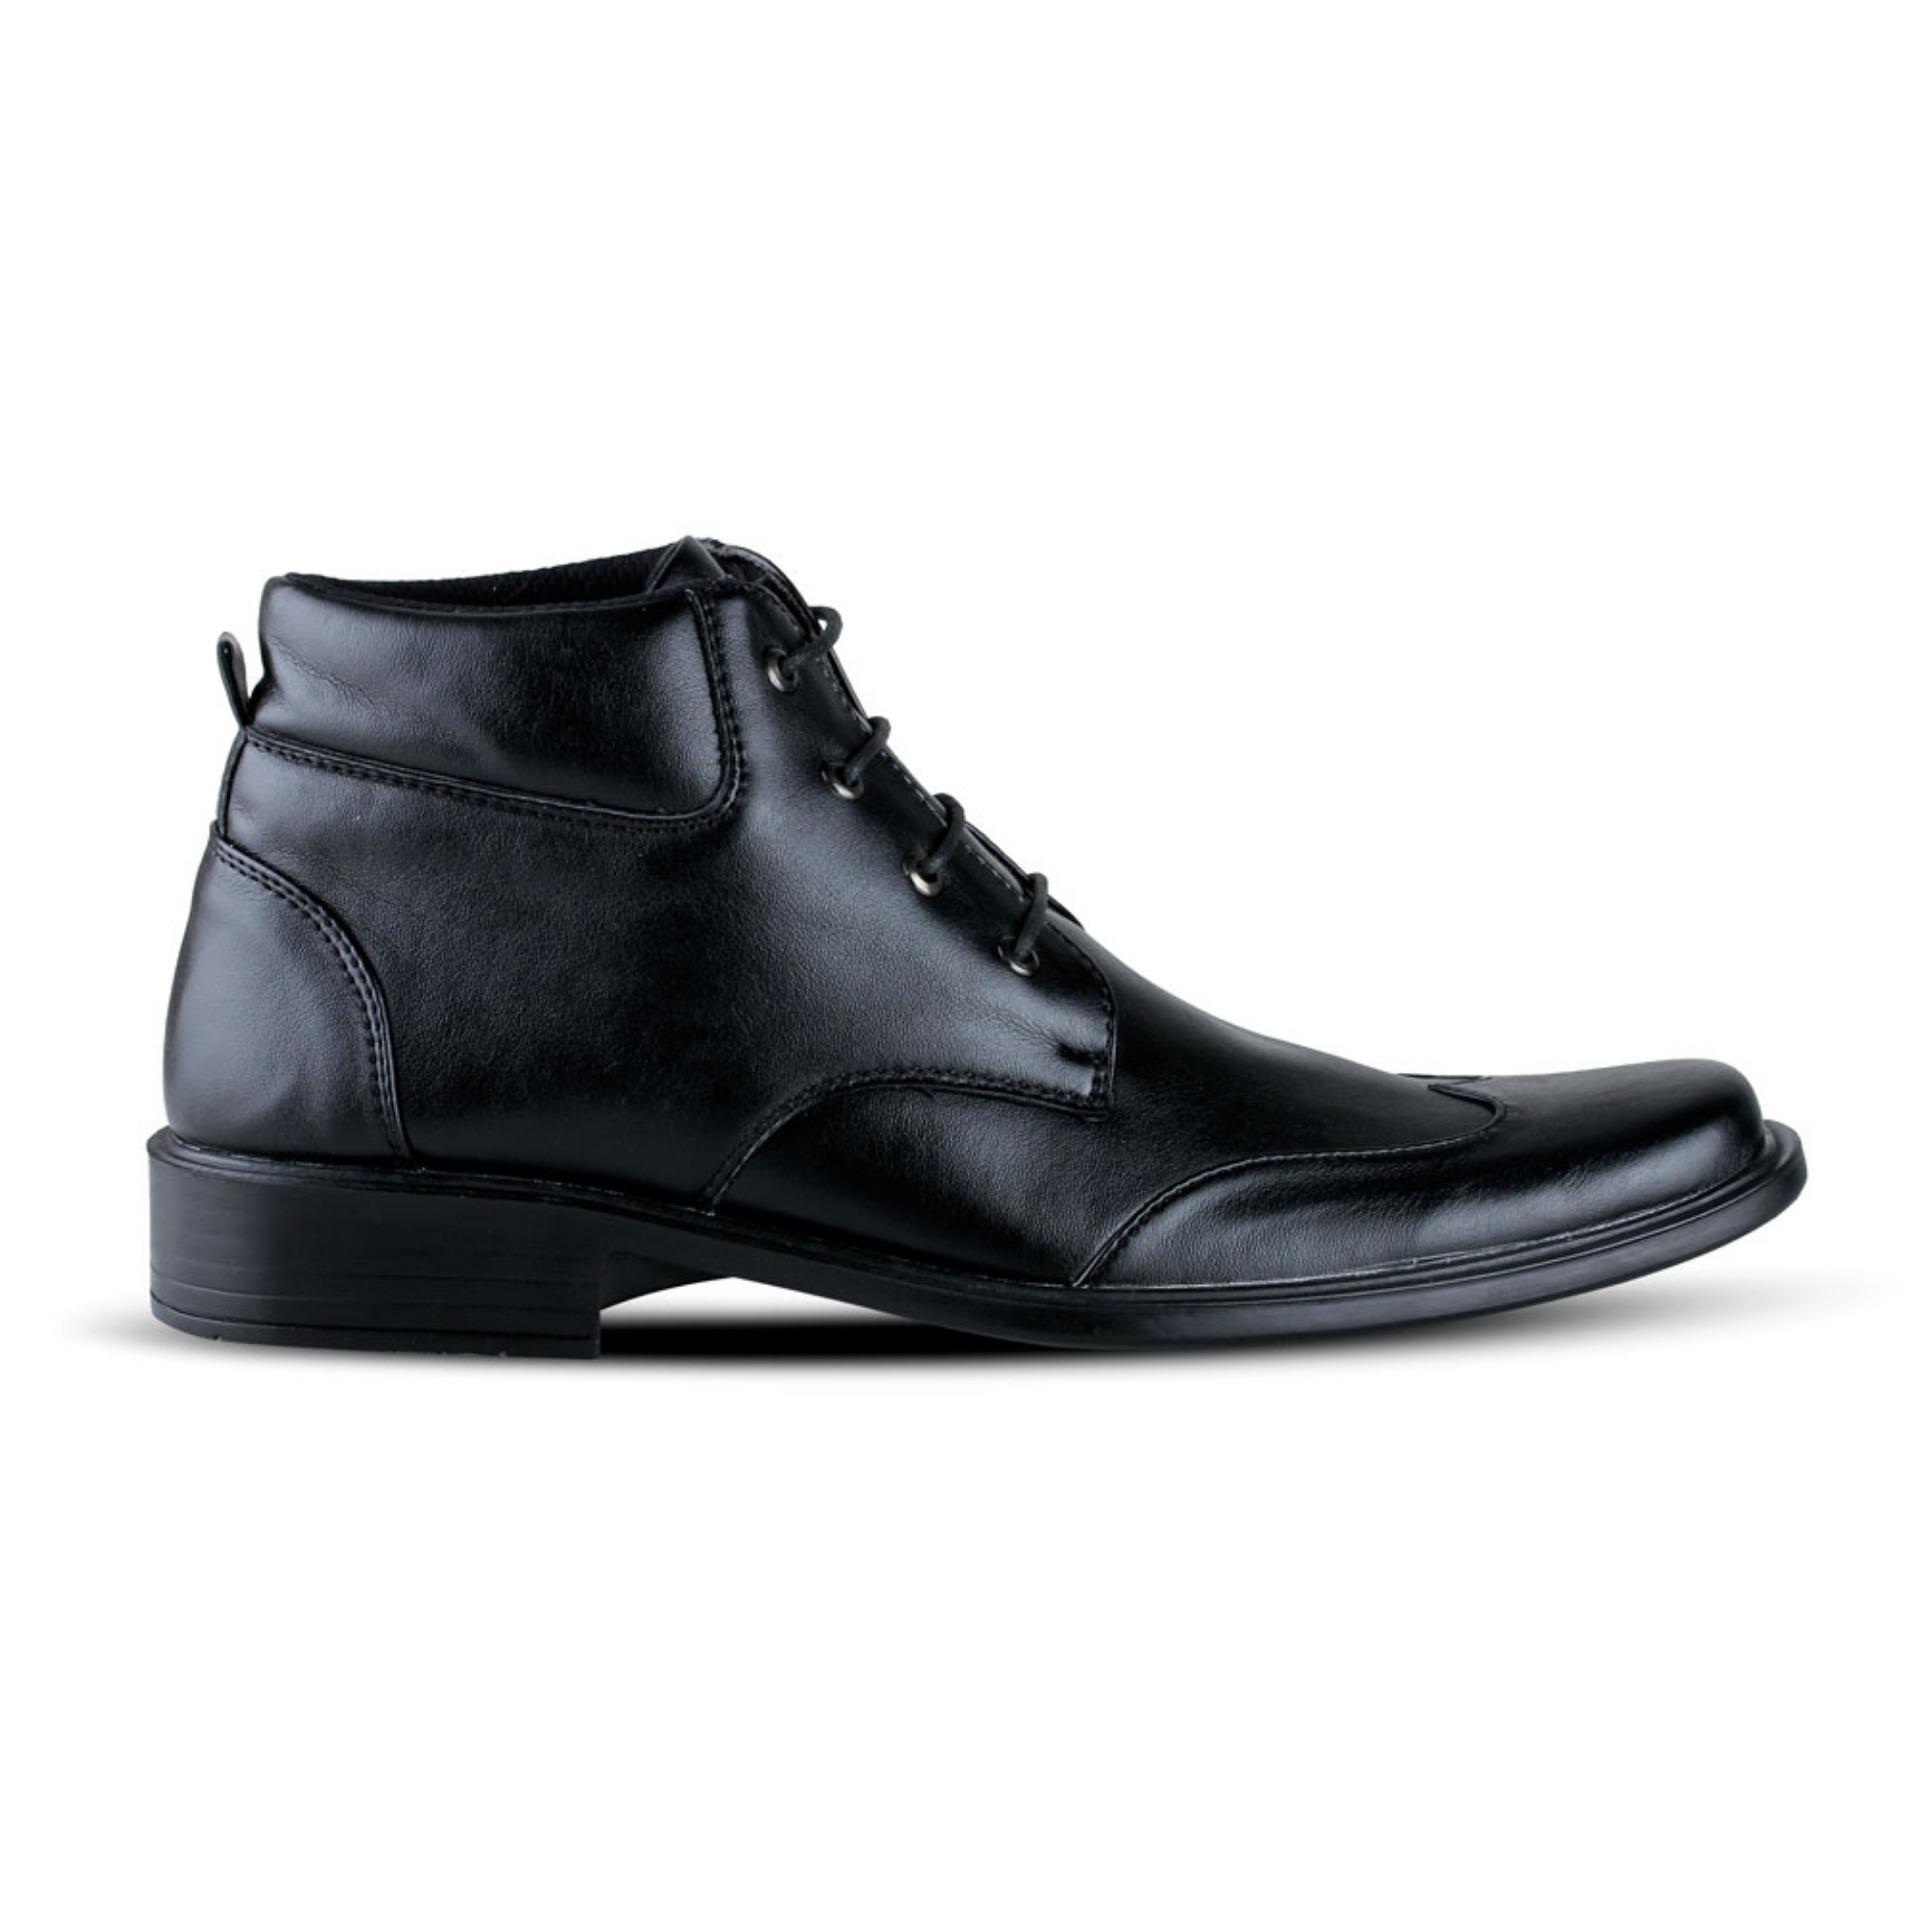 Detail Gambar Distro VD 396 Sepatu Formal Pantofel Pria Untuk Kerja Kantor - Hitam Terbaru